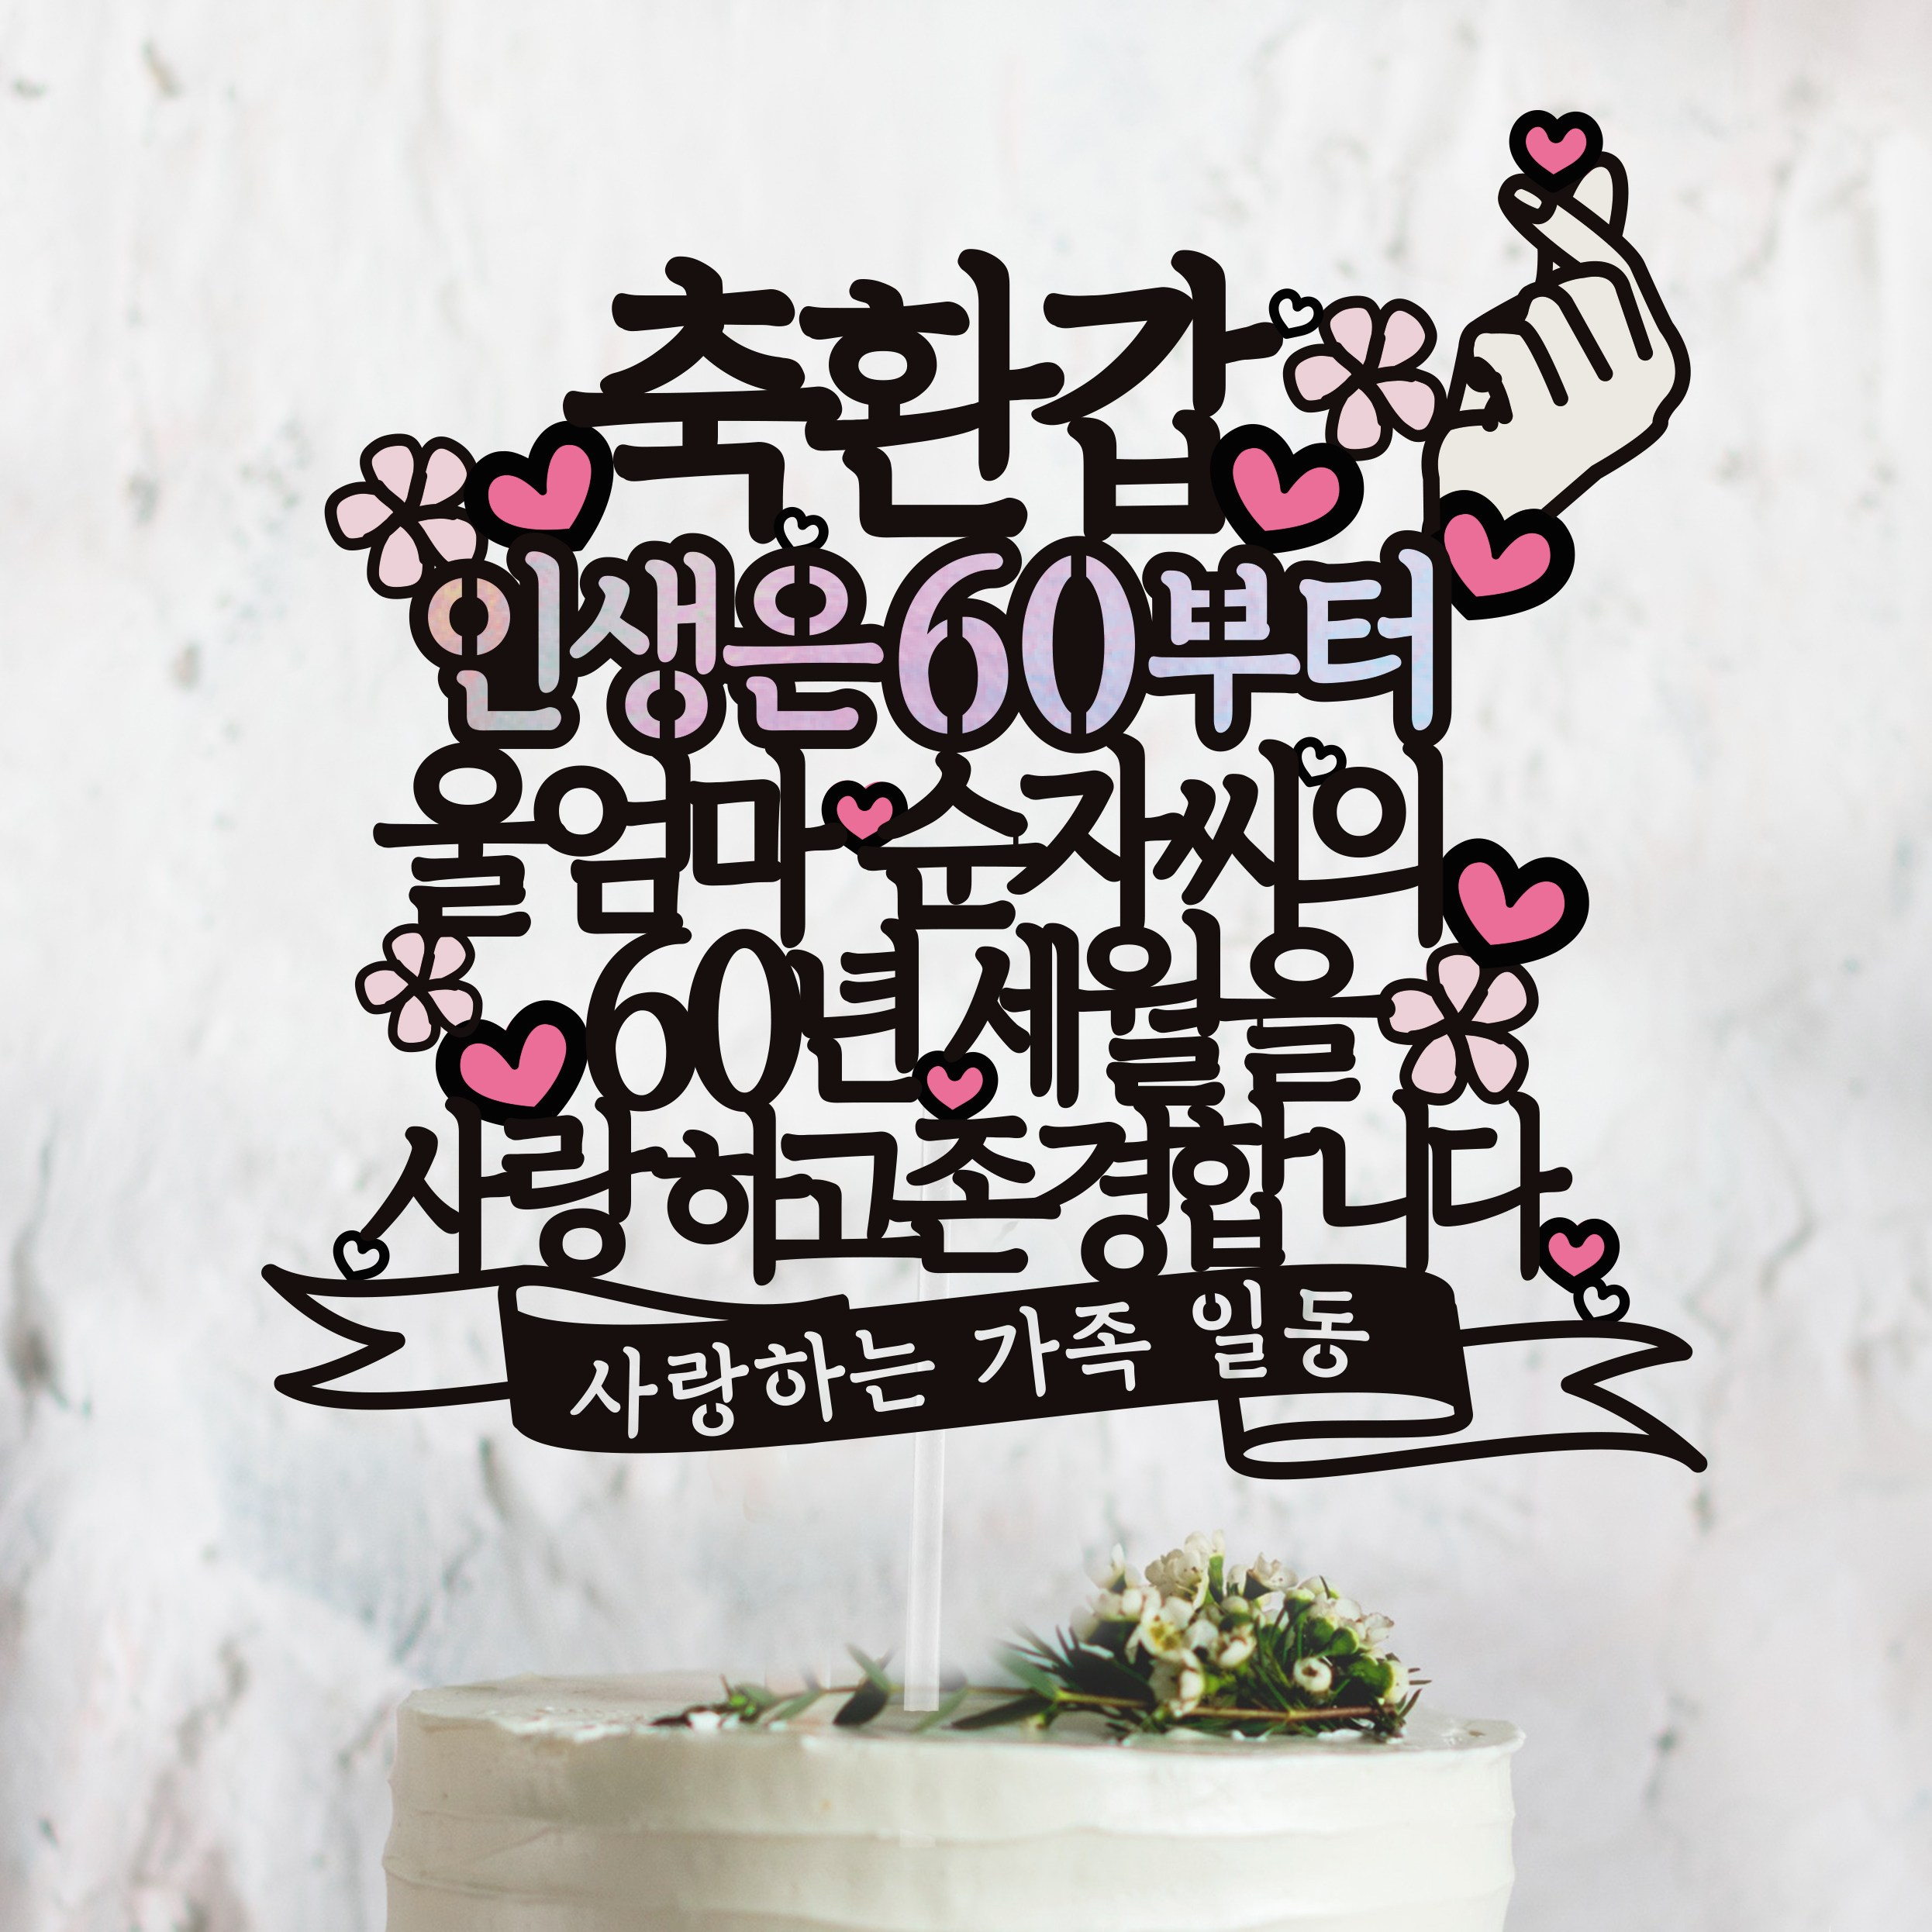 써봄토퍼 스페셜디자인 환갑 칠순 팔순 케이크토퍼(촬영소품), 축환갑-인생은60부터